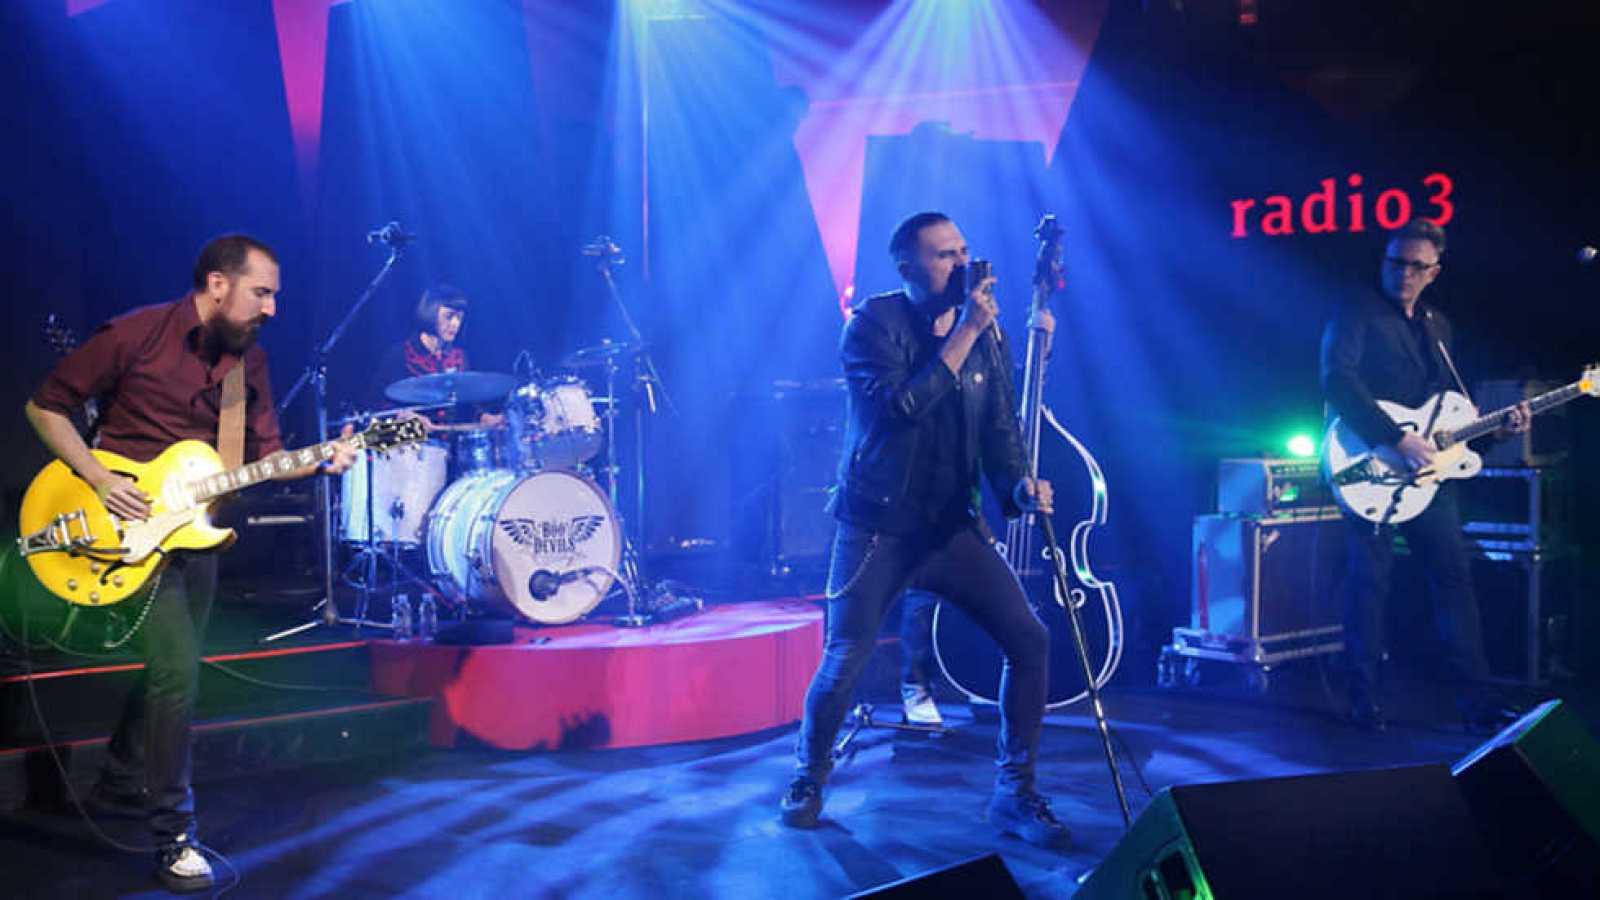 Los conciertos de Radio 3 - The Boo Devils - ver ahora